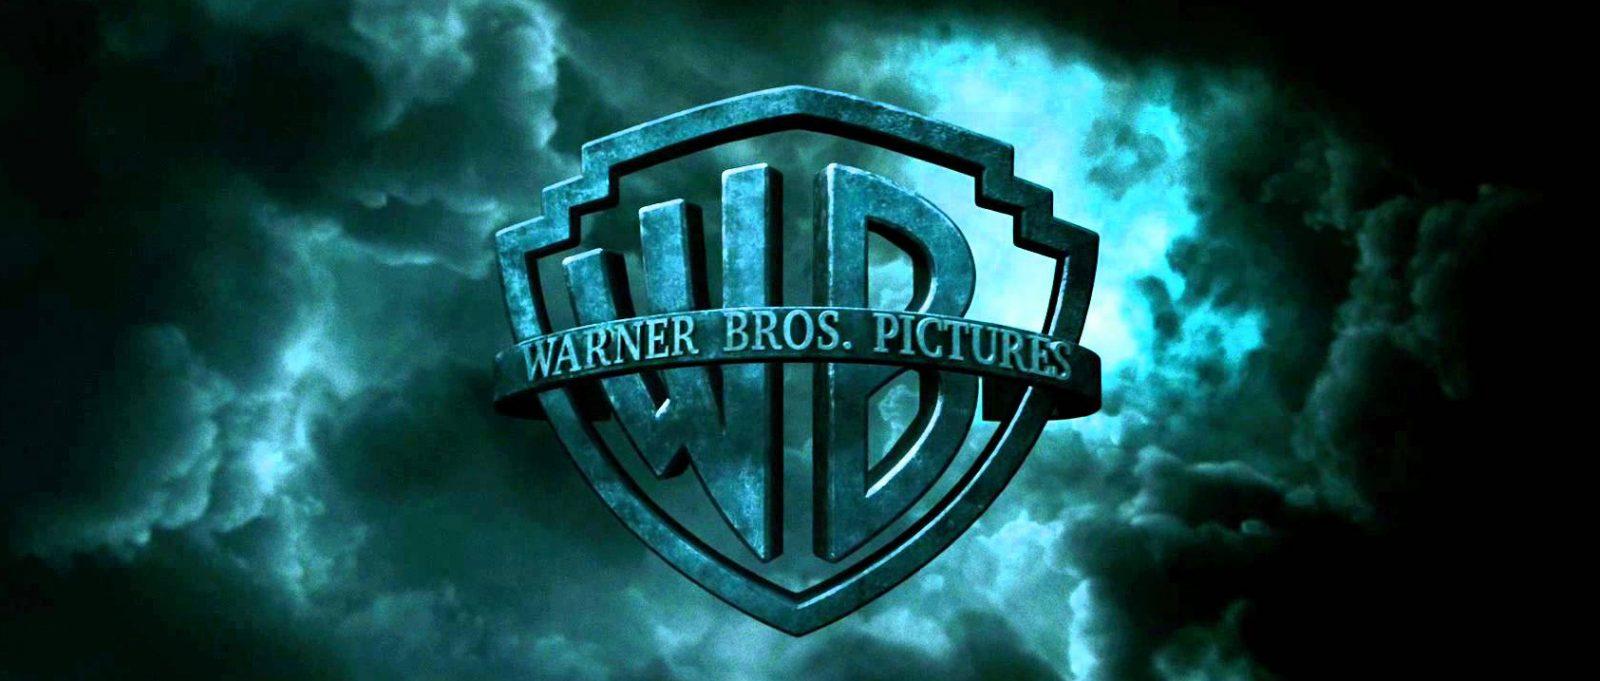 Глава Warner Bros. подал в отставку